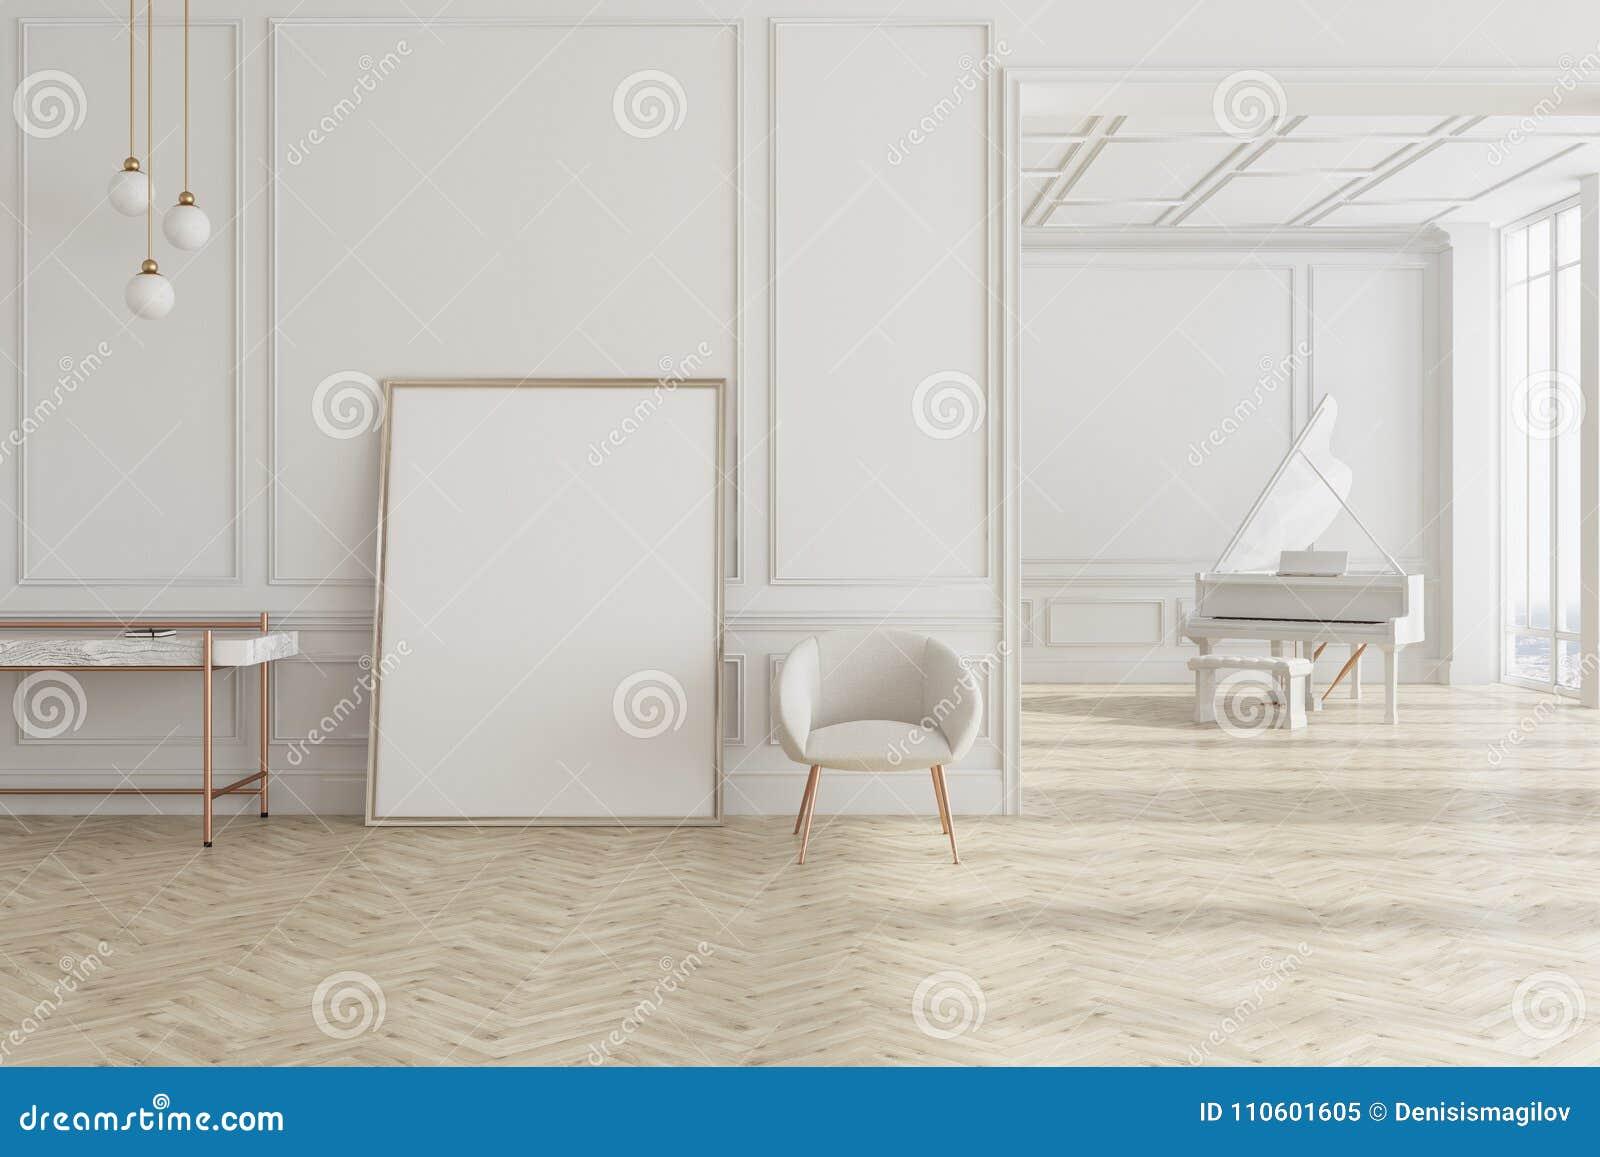 Koraalkleur De Woonkamer : Witte woonkamer met piano en affiche stock illustratie